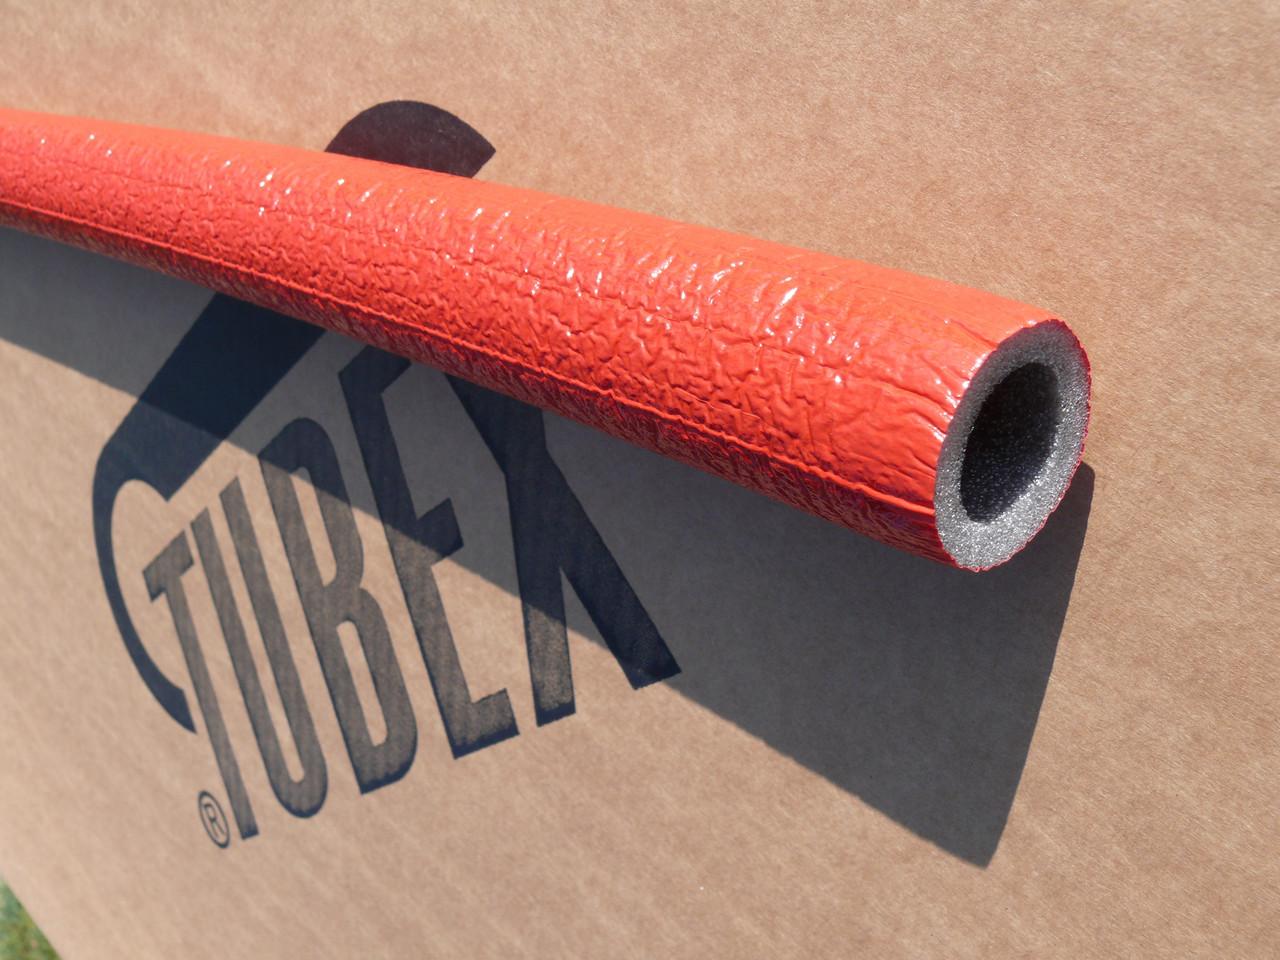 ІЗОЛЯЦІЯ ДЛЯ ТРУБ TUBEX® Protekt, внутрішній діаметр 15 мм, товщина стінки 6 мм, виробник Чехія